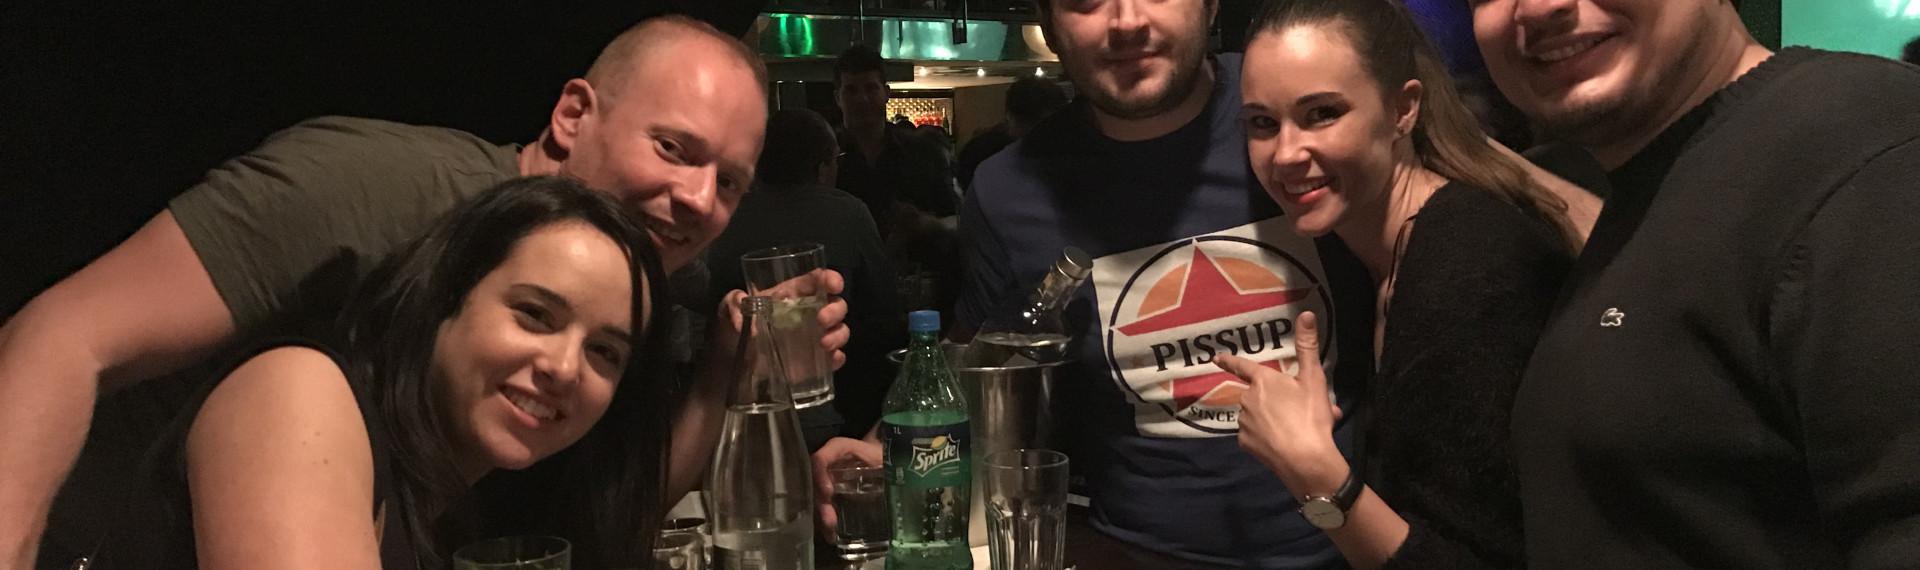 Tournée de Bars Pissup Prague